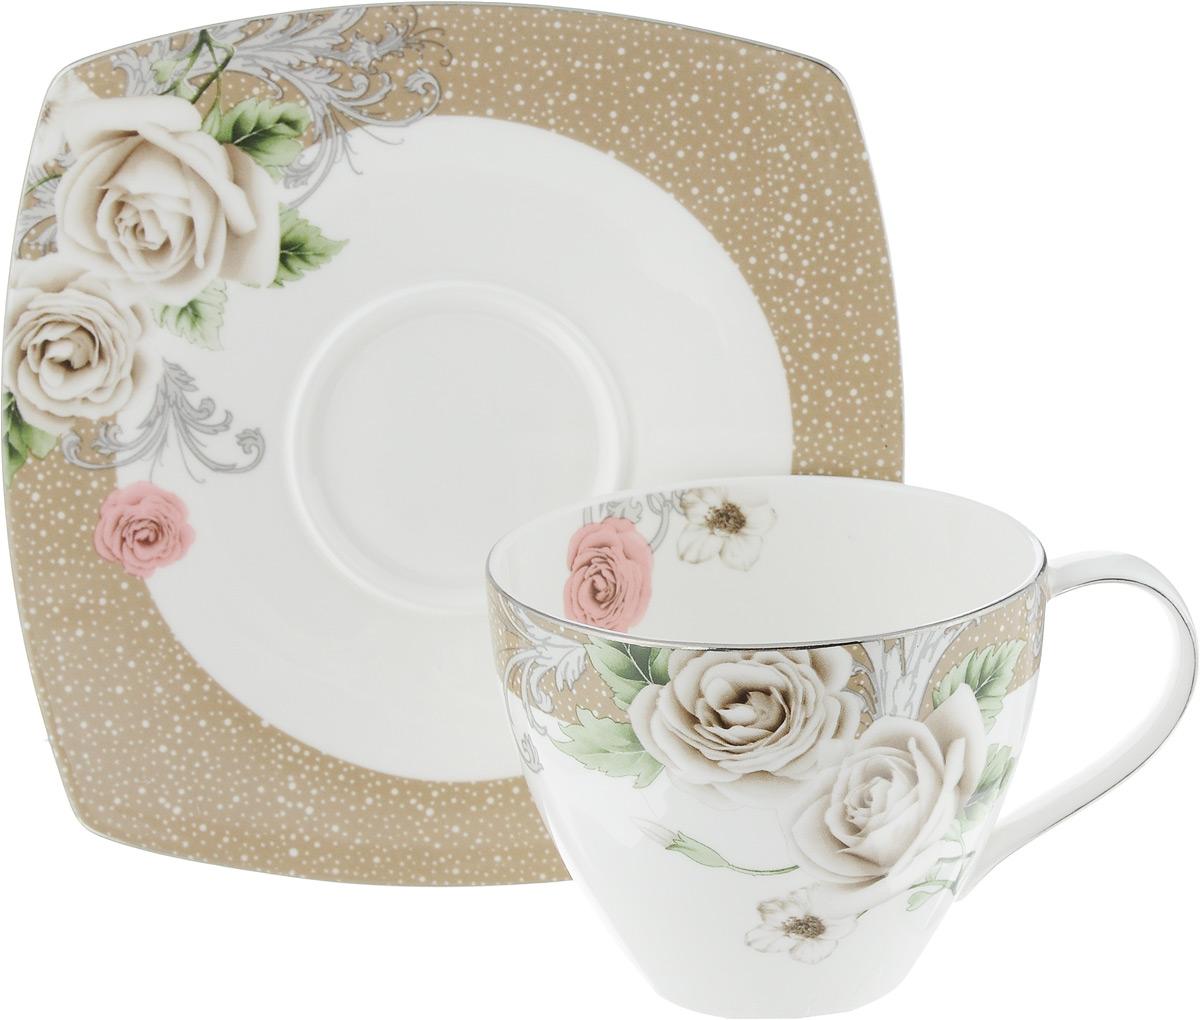 Чайная пара Florance, 2 предметаPR7984Чайная пара Florance состоит из чашки и блюдца, изготовленных из высококачественного фарфора. Красочность оформления придется по вкусу ценителям утонченности и изысканности. Диаметр чашки по верхнему краю: 9 см. Высота чашки: 7 см. Объем чашки: 280 мл. Размер блюдца: 15,5 см х 15,5 см.